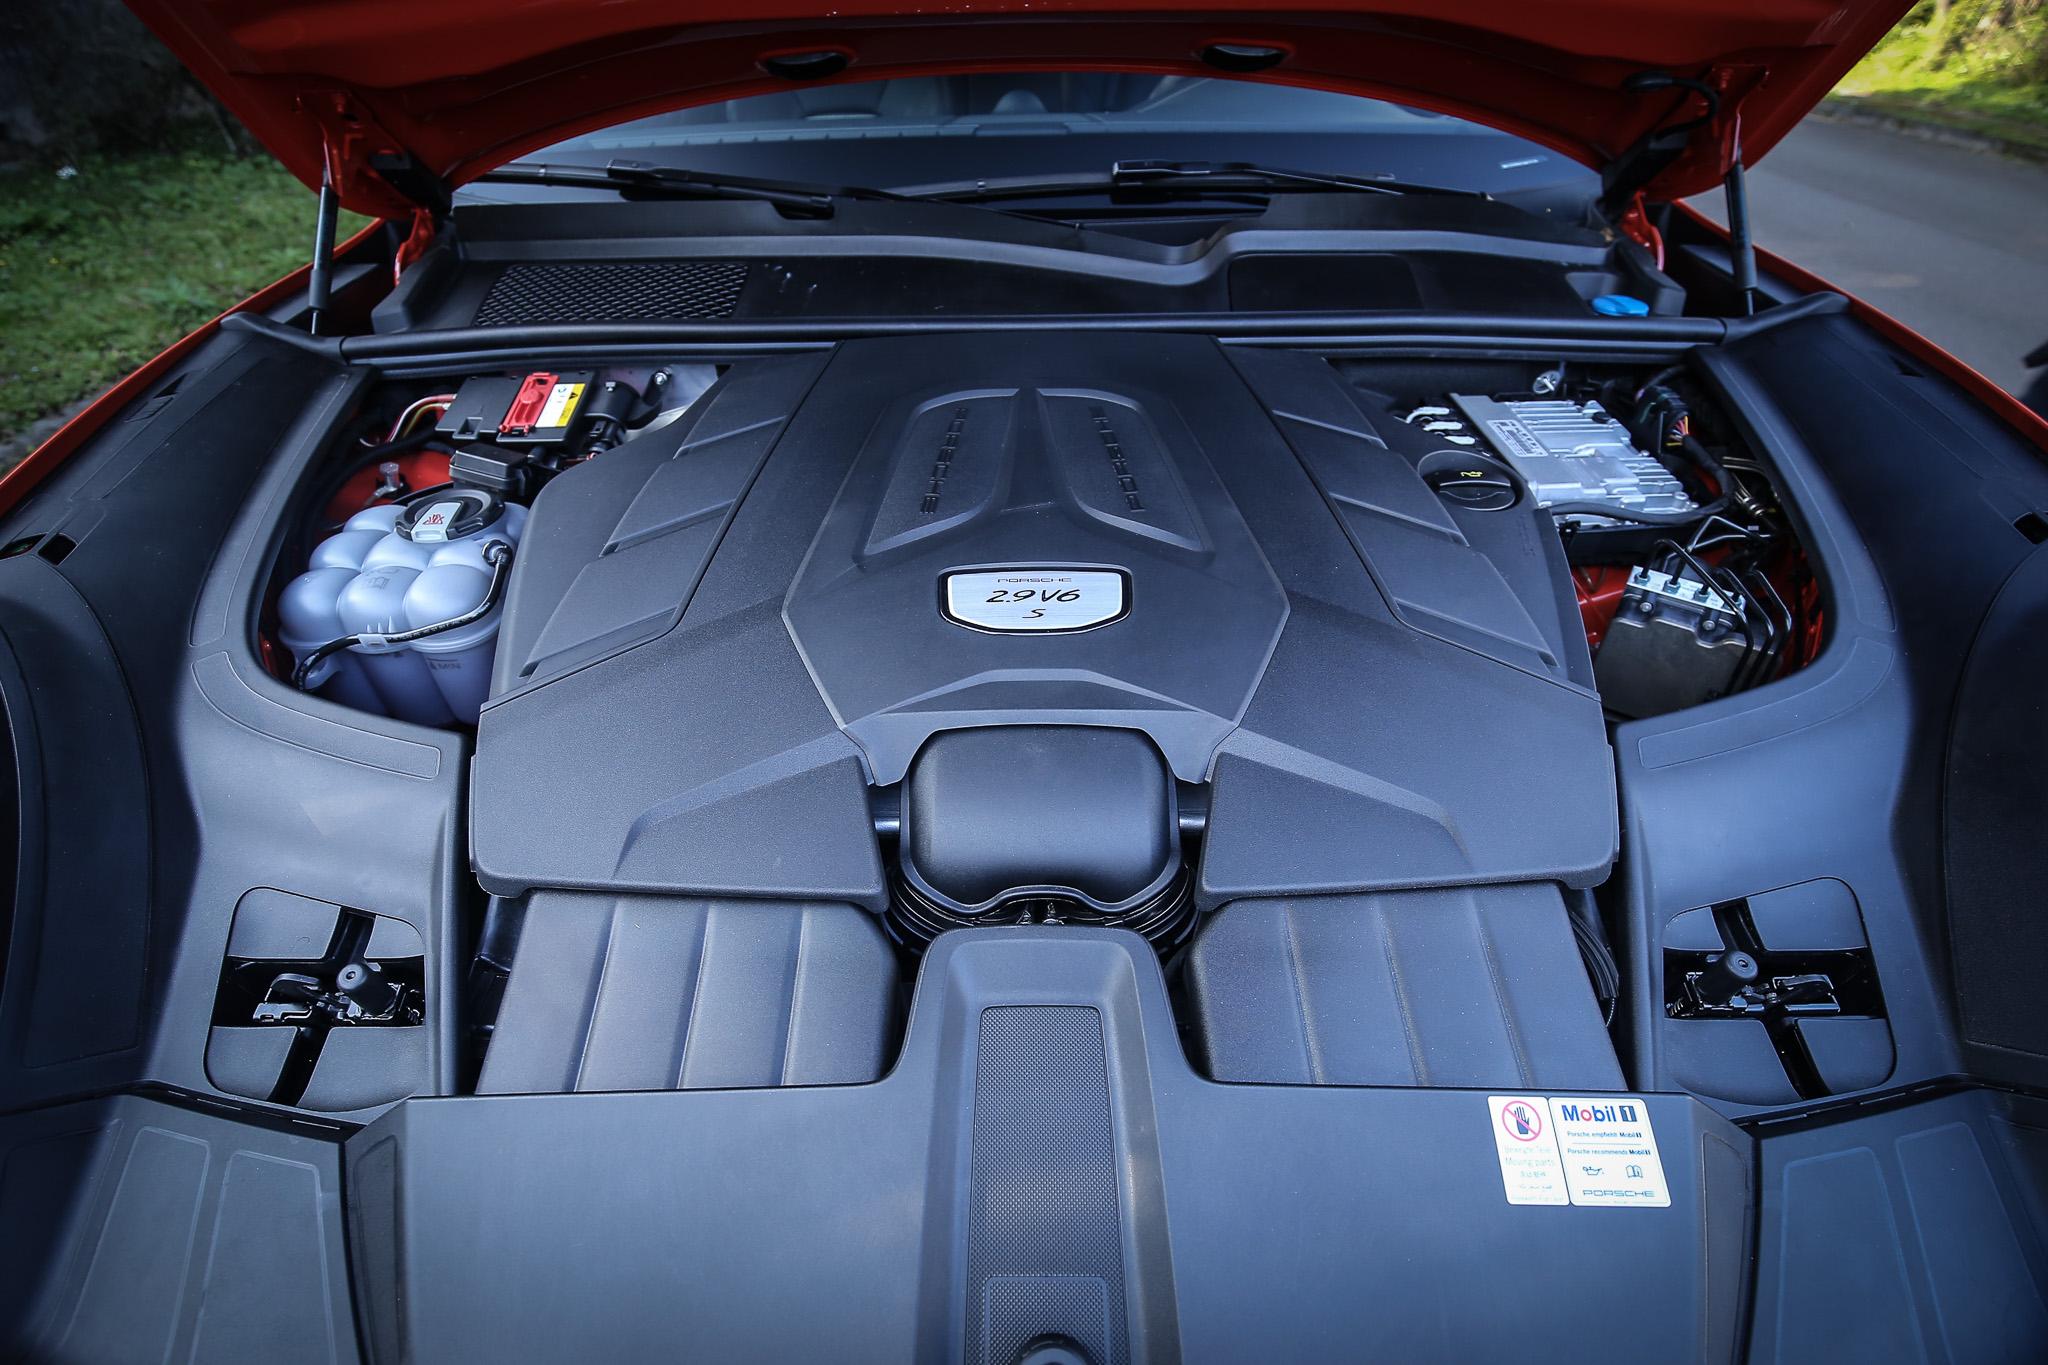 搭載 2.9 升 V6 雙渦輪增壓汽油引擎,具備 440ps/550Nm 最大動能輸出。